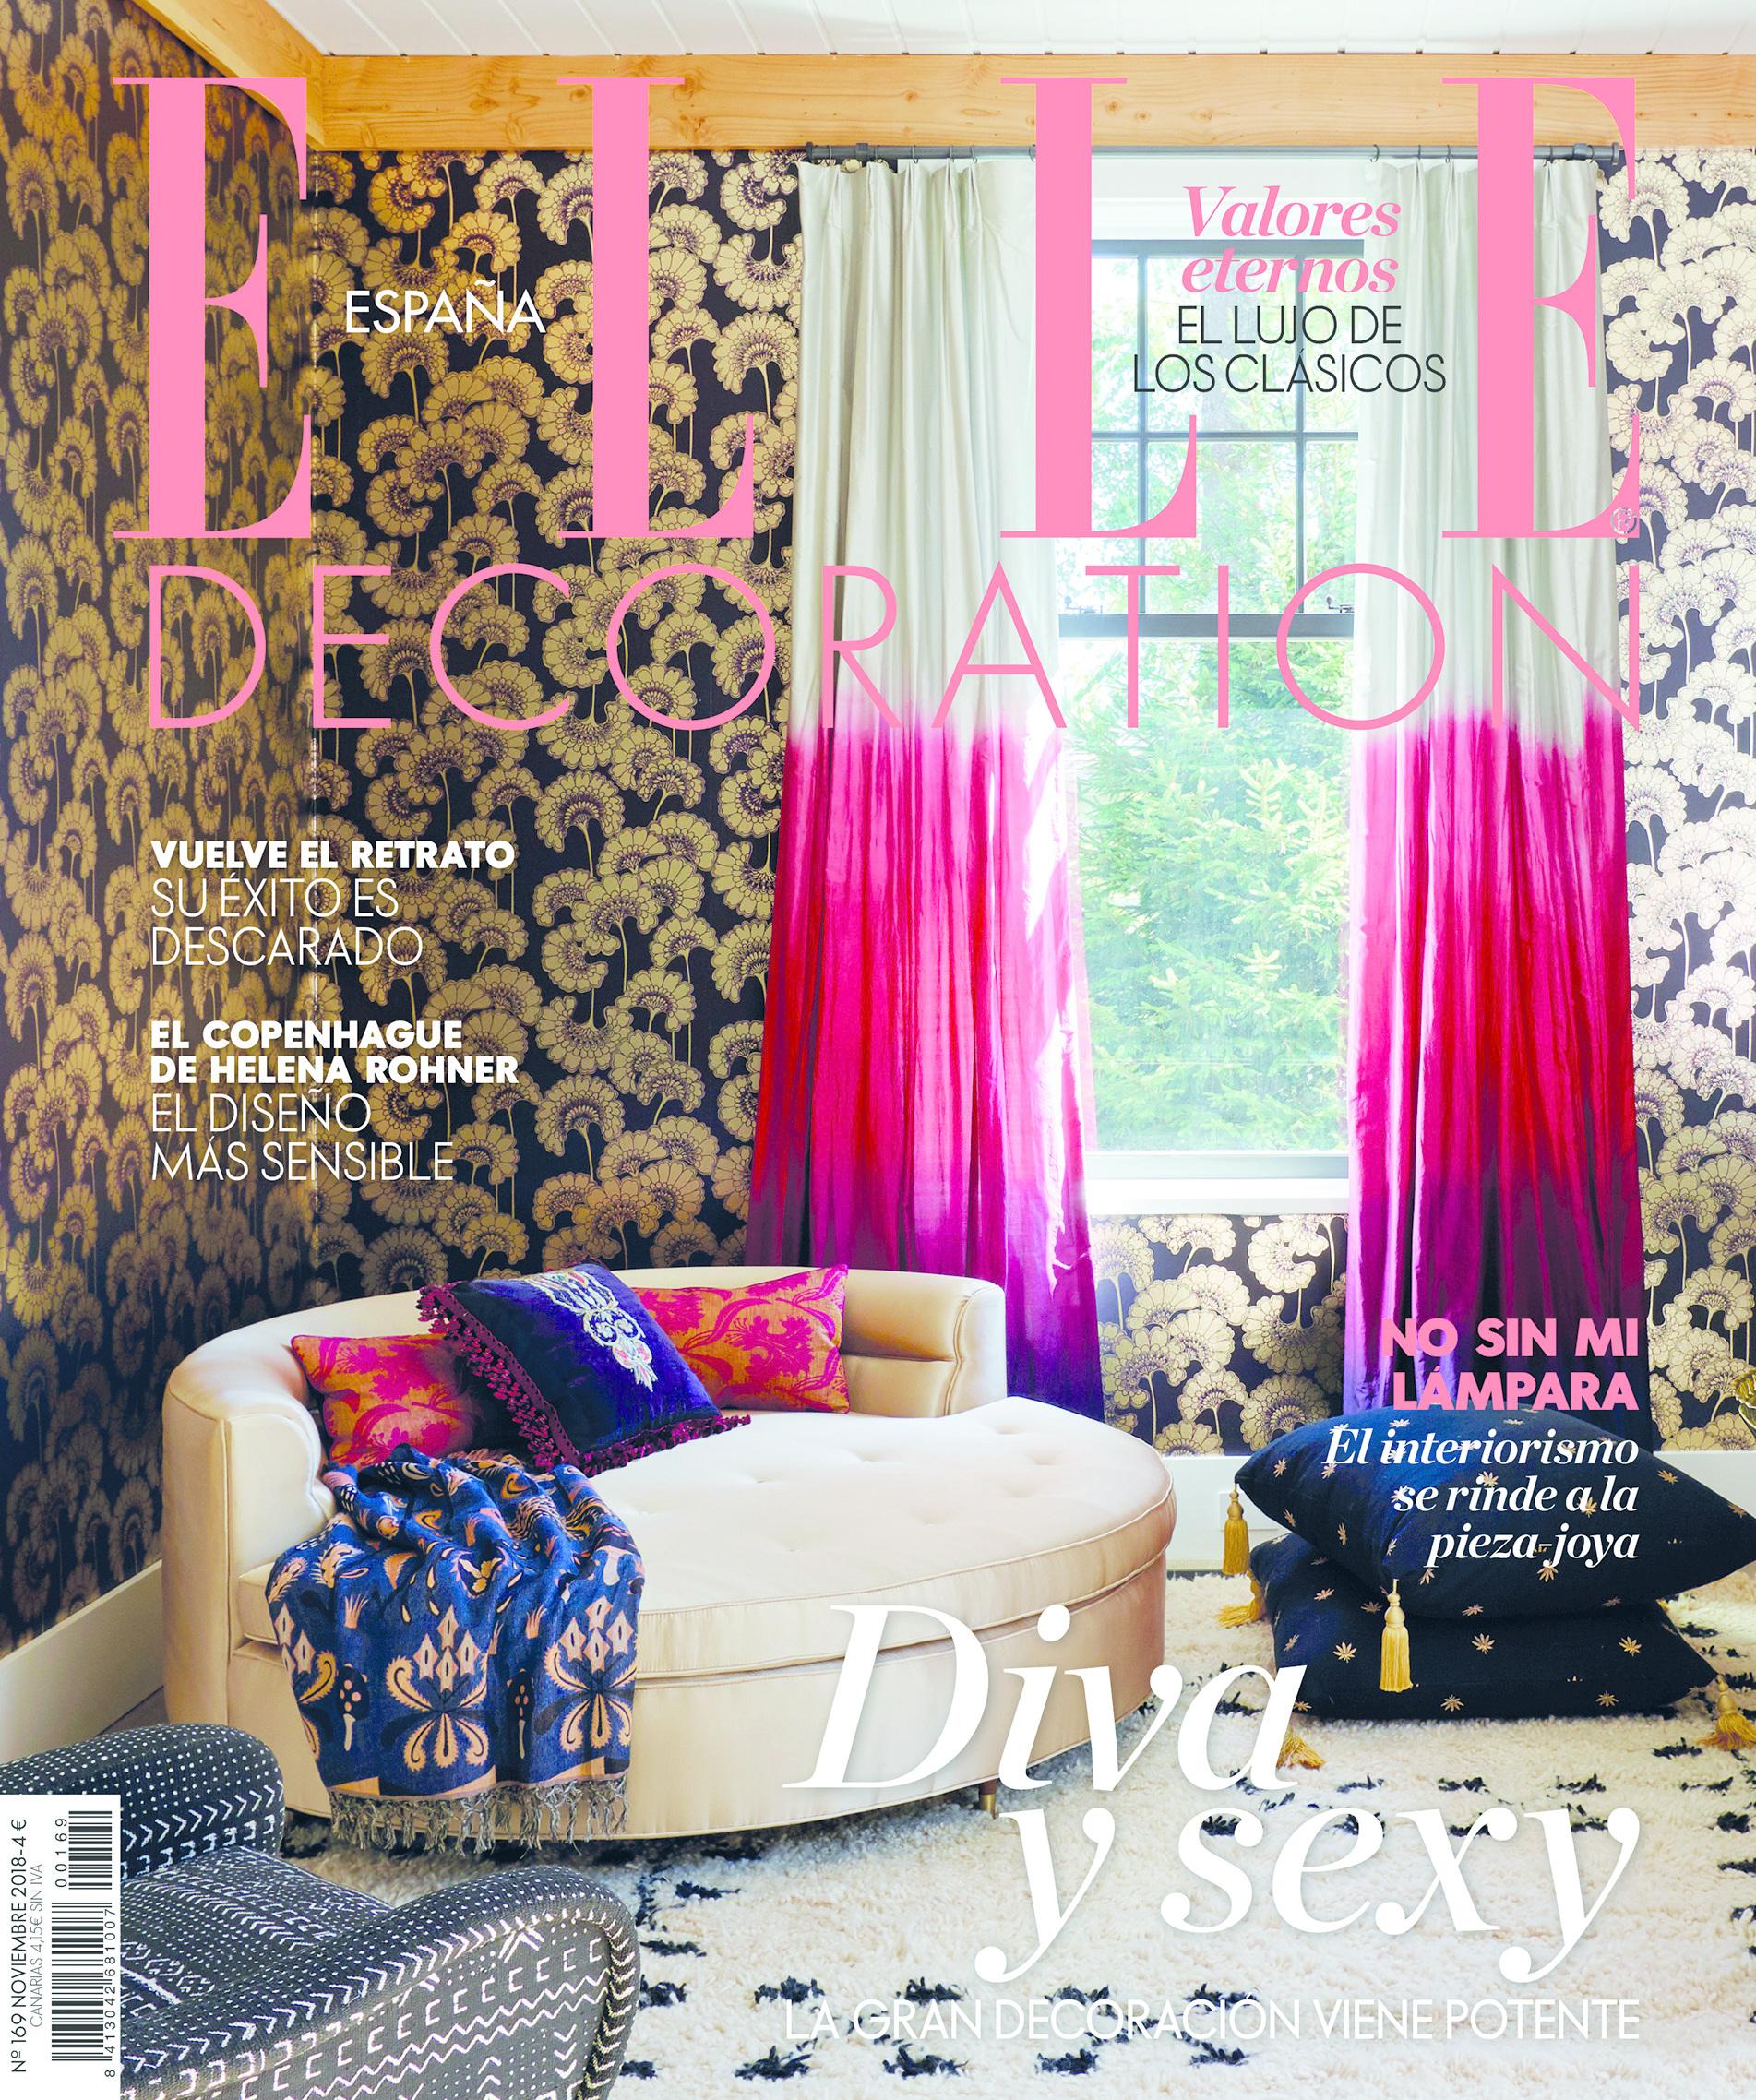 Vvda 2018 Pub Elle Decoration Spain Cover